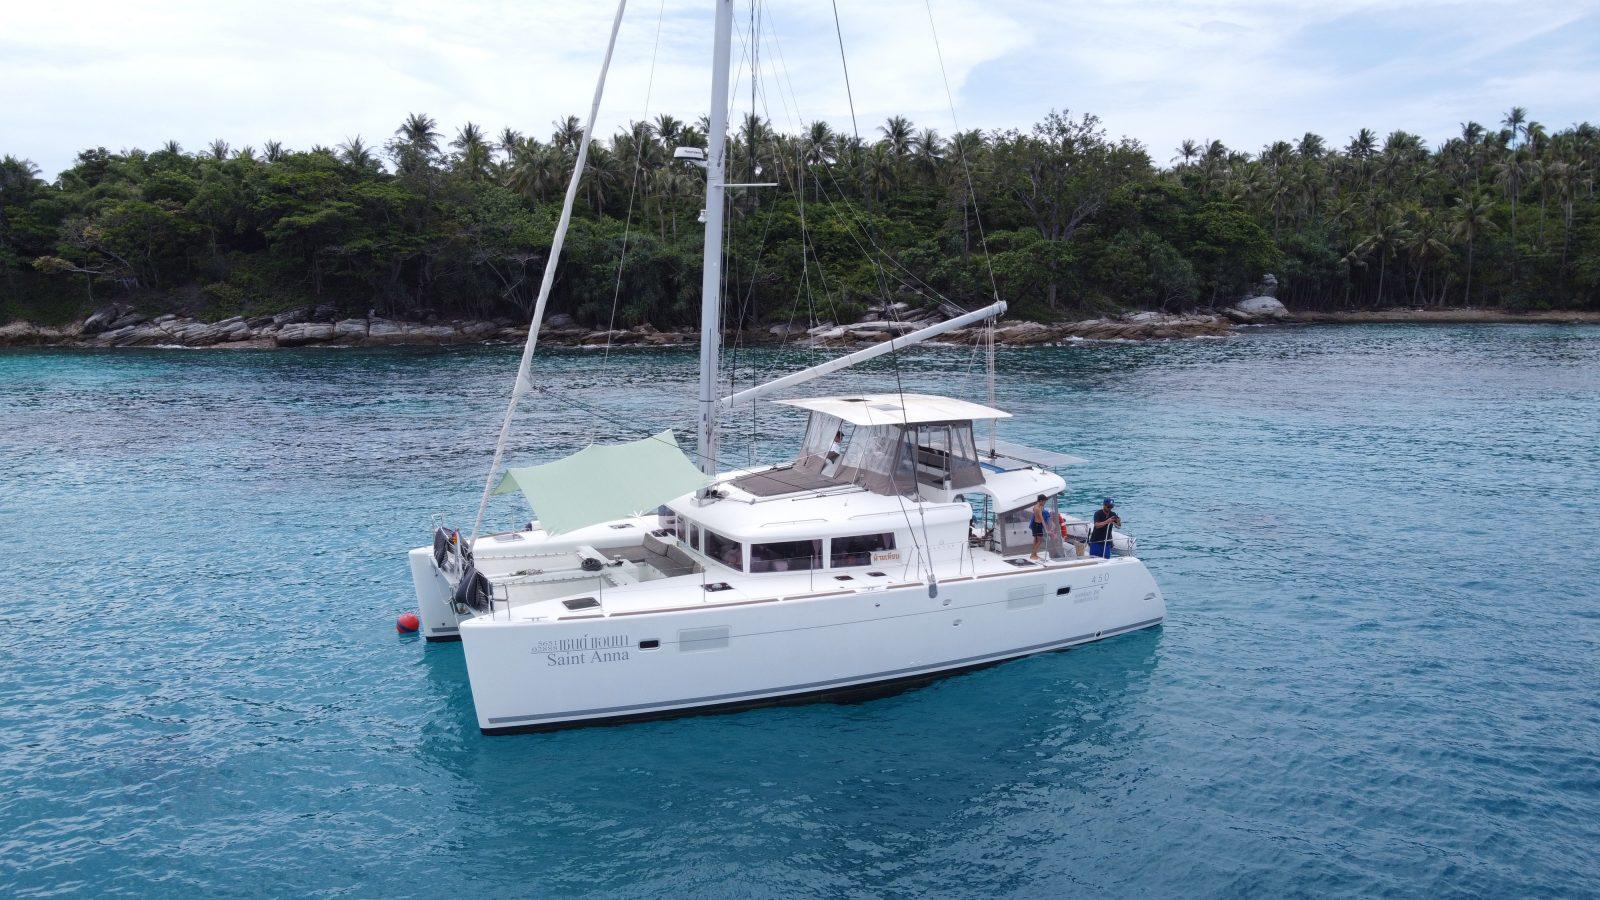 Simpson Marine - Saint Anna (Crewed)